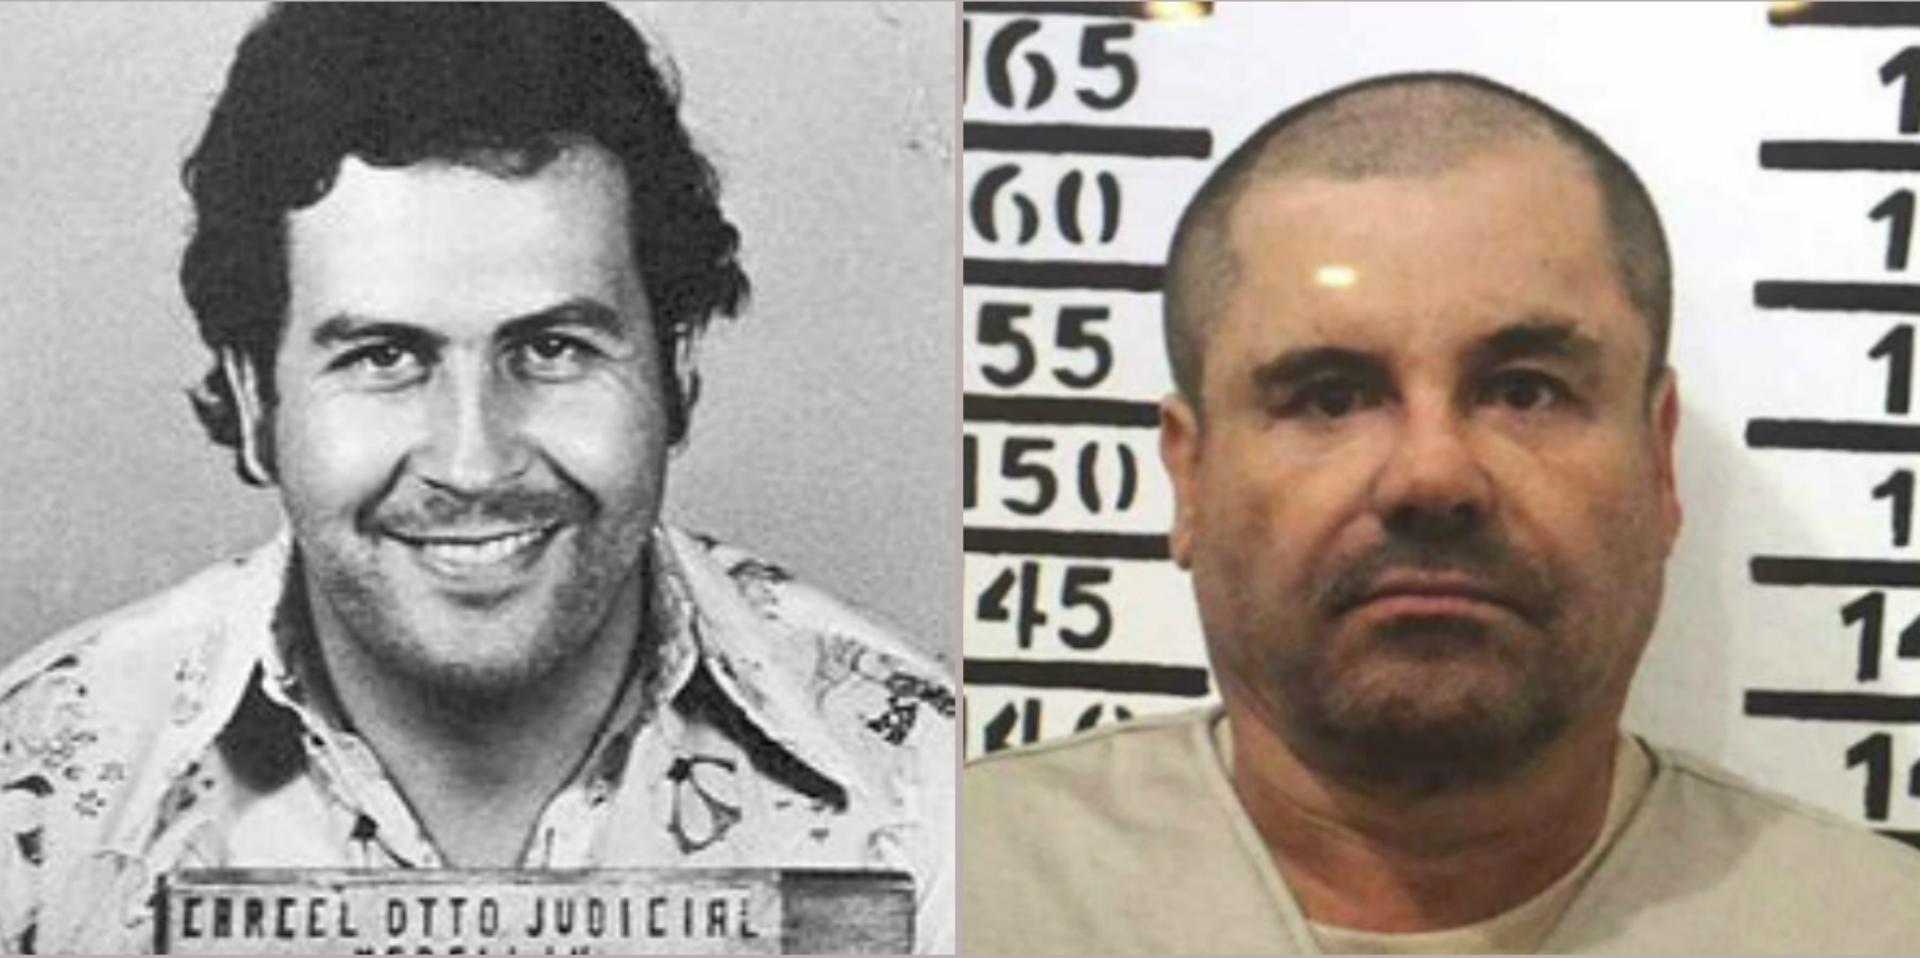 Escobar y Guzmán Loera son considerados los dos narcotraficantes más poderosos de la región